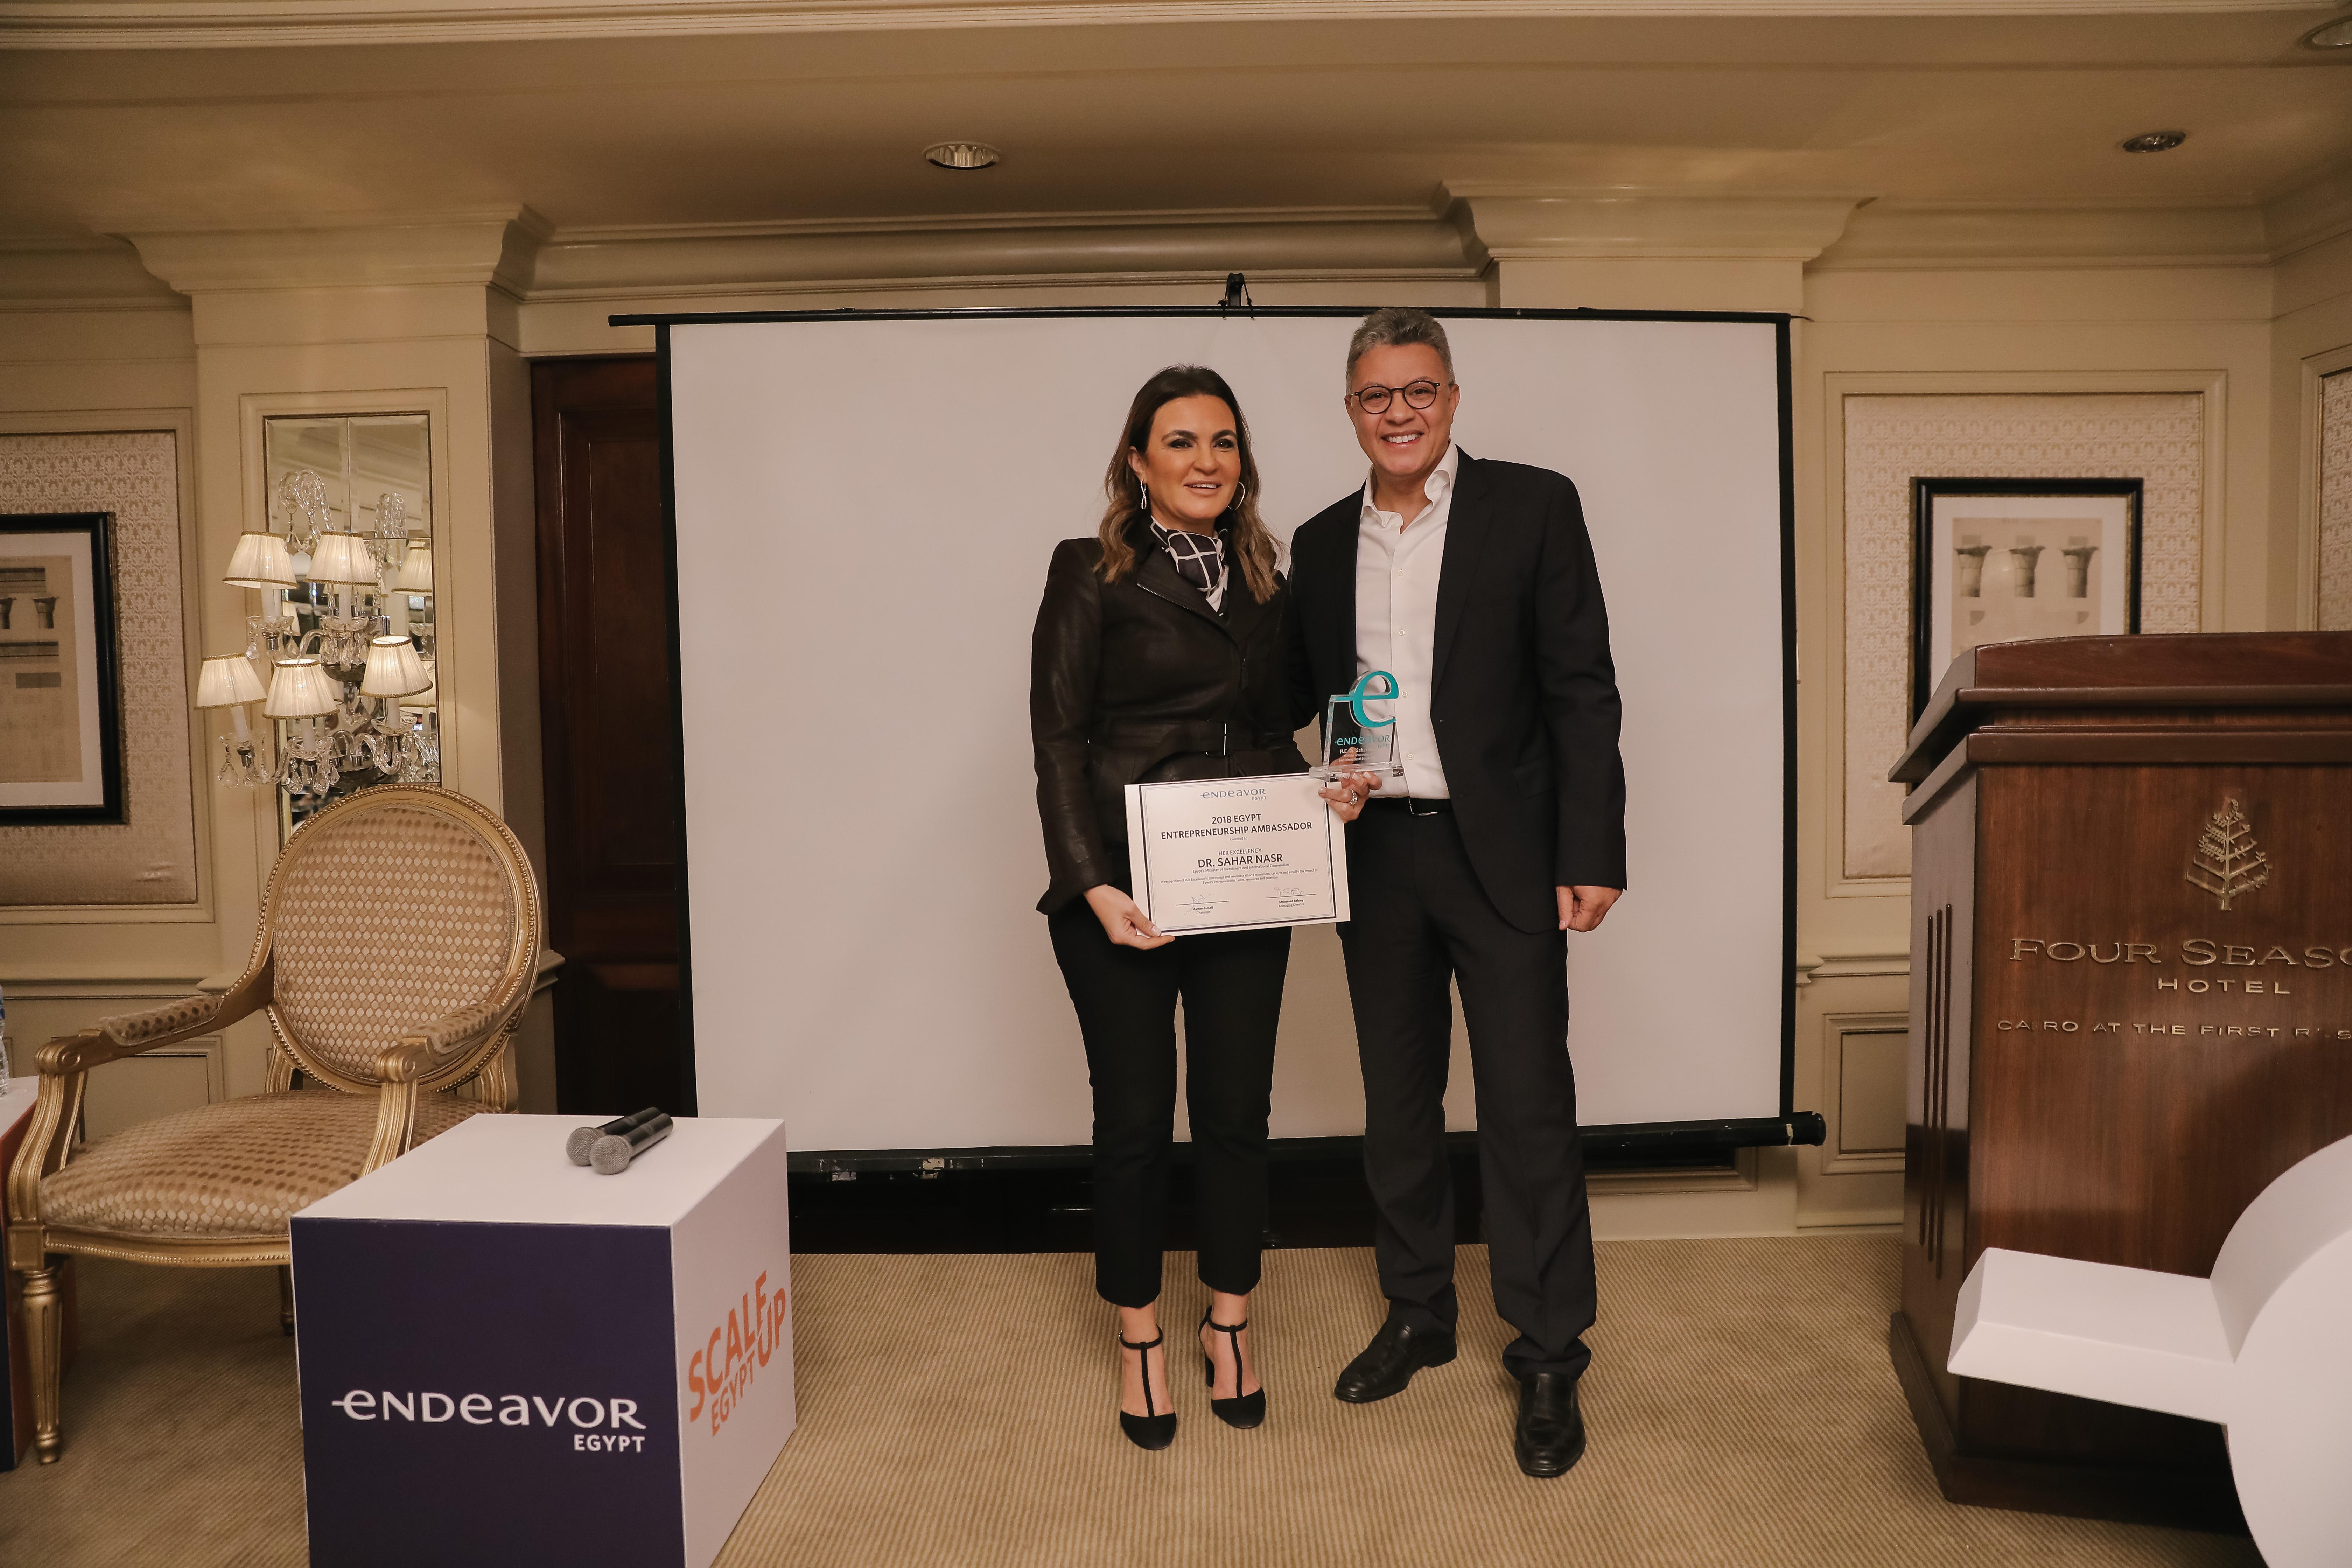 H.E. Dr. Sahar Nasr is honored as 2018 Egypt Entrepreneurship Ambassador